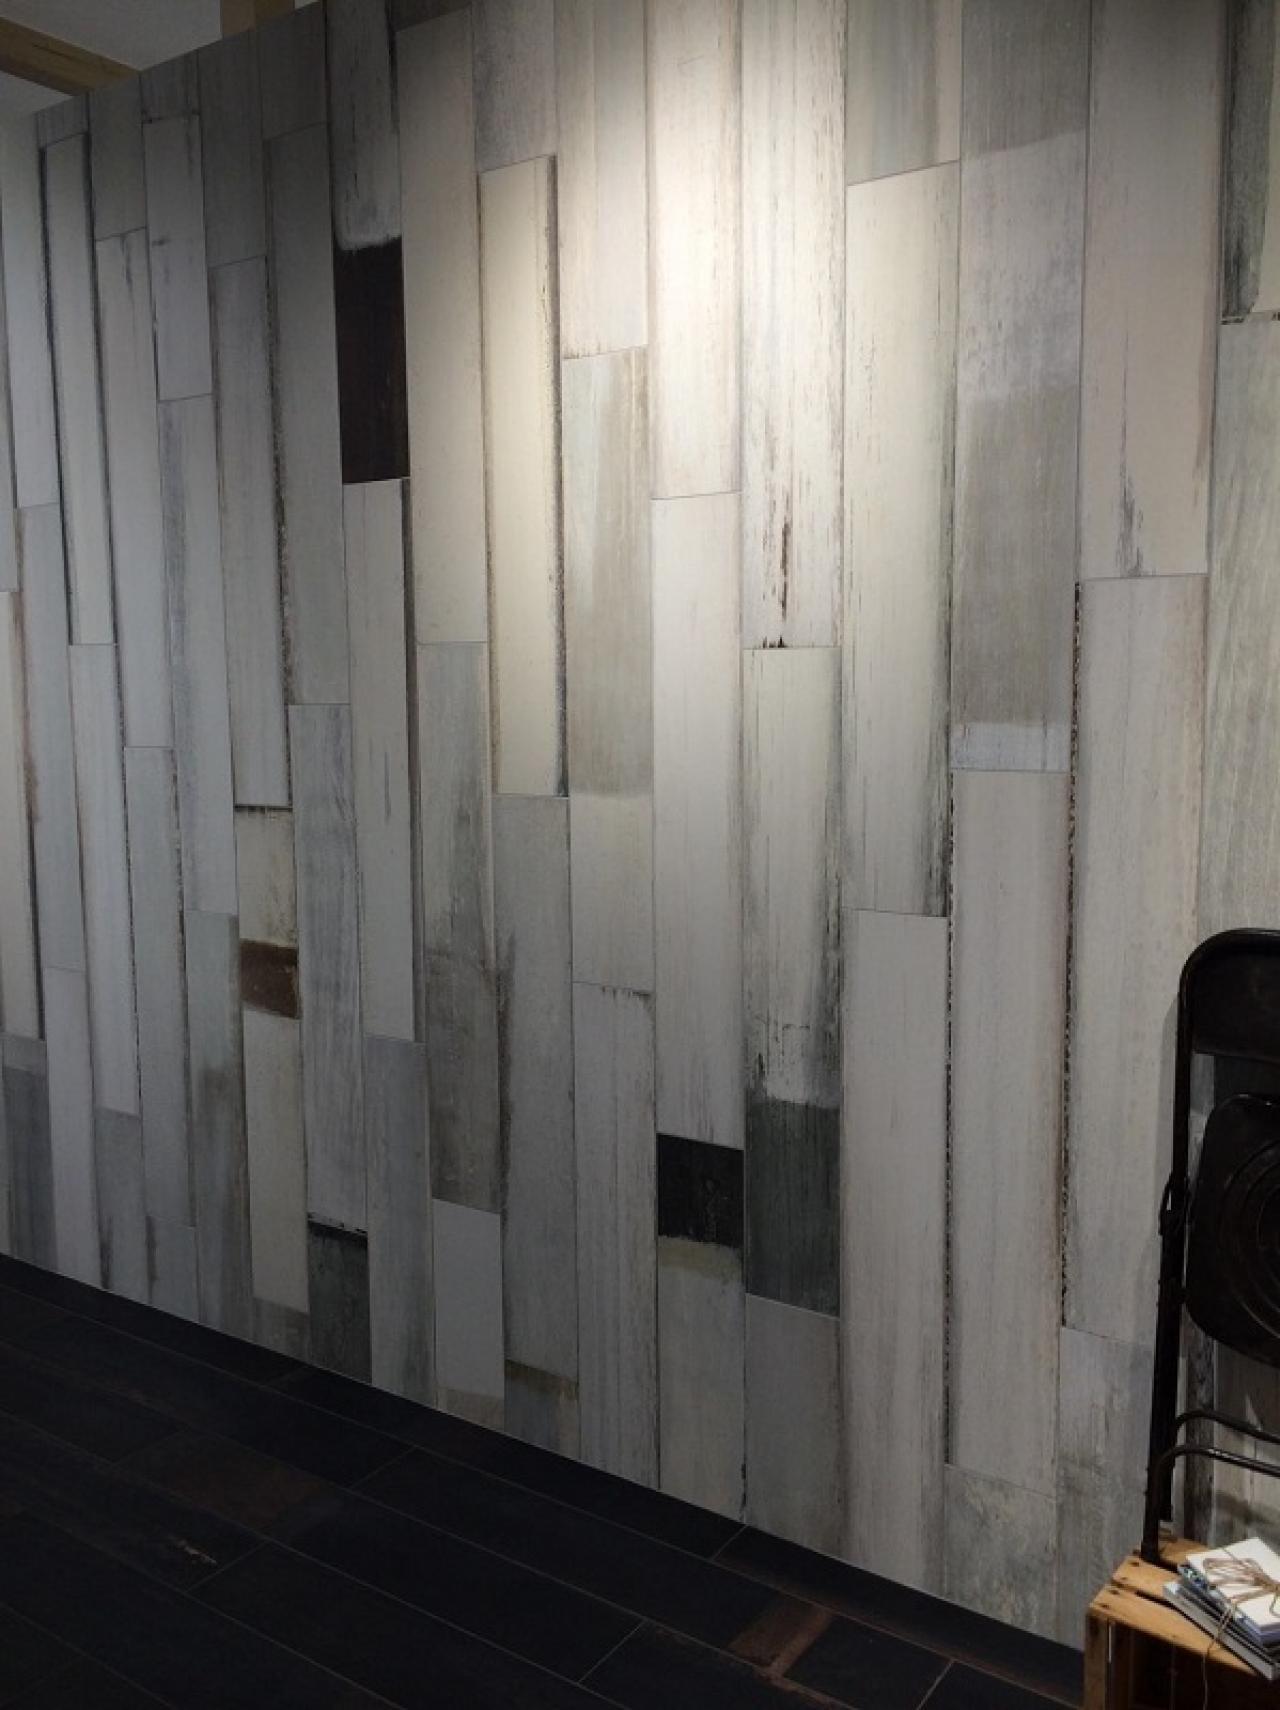 Rivestimenti In Legno Da Parete grès effetto legno a rivestimento | fratelli pellizzari